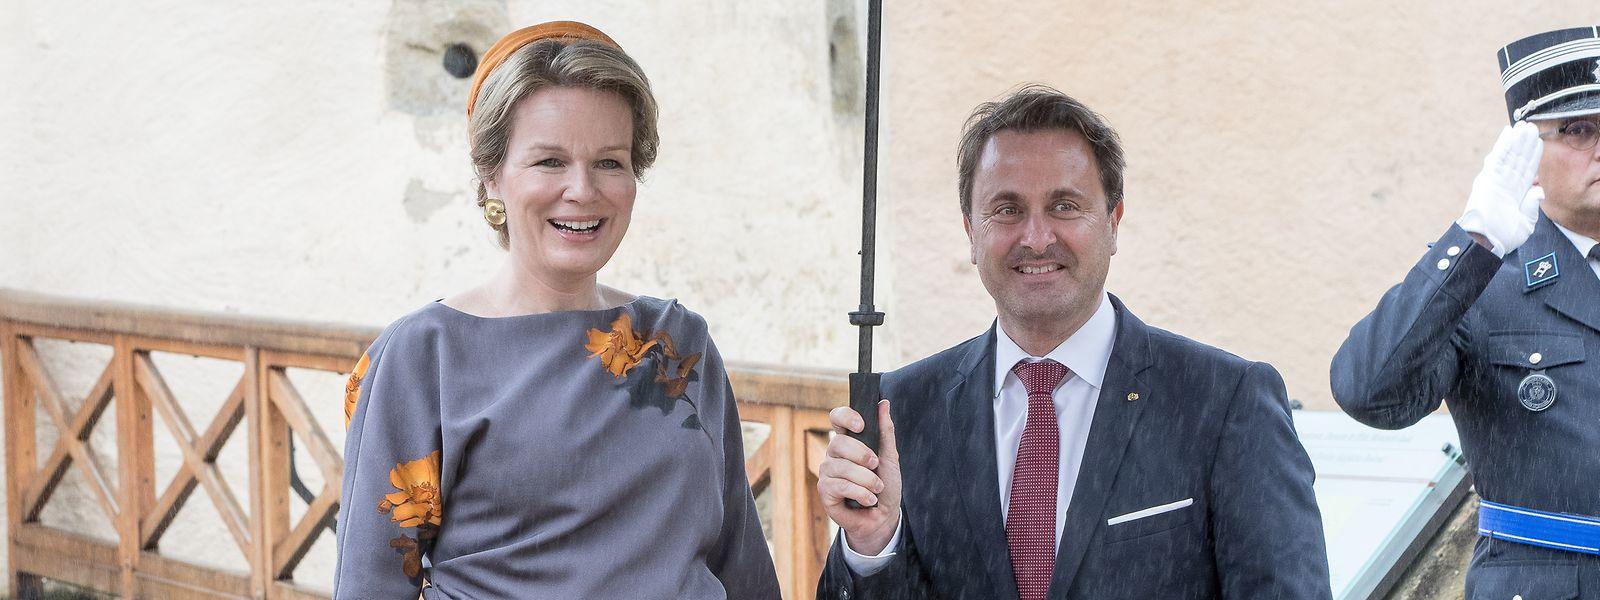 La reine Mathilde au côté de Xavier Bettel avant le déjeuner qui s'est tenu au château de Bourglinster.